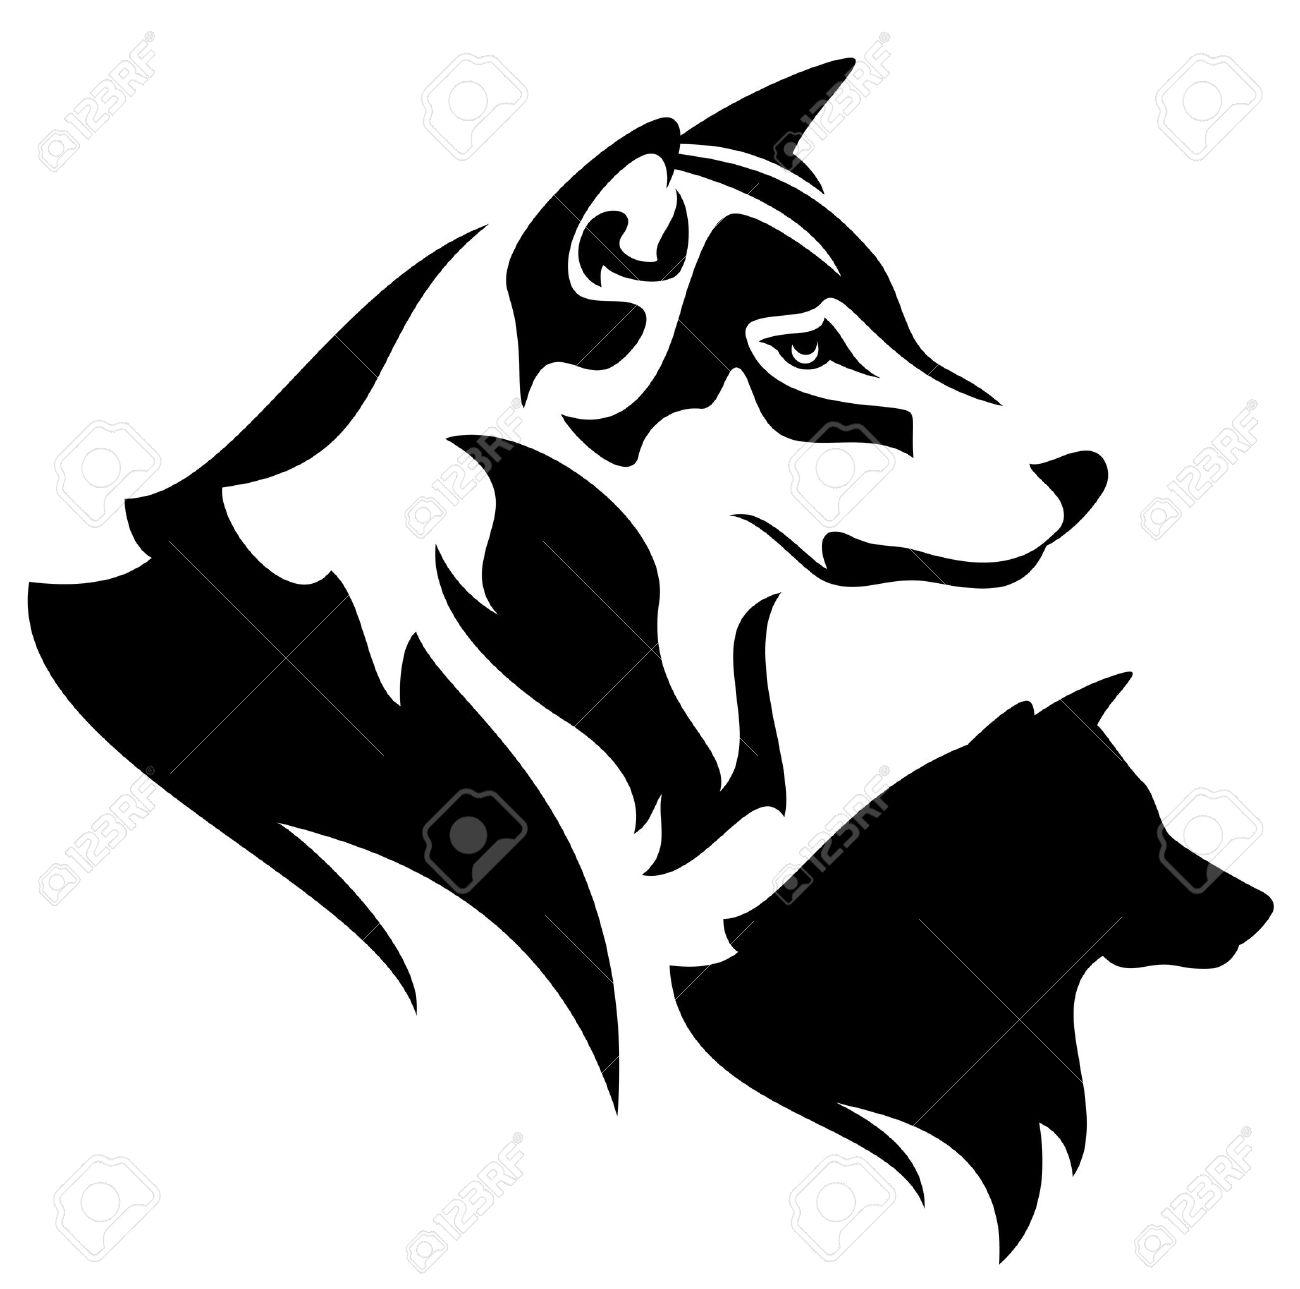 Perfil Lobo Esbozo Y La Silueta Diseño En Blanco Y Negro